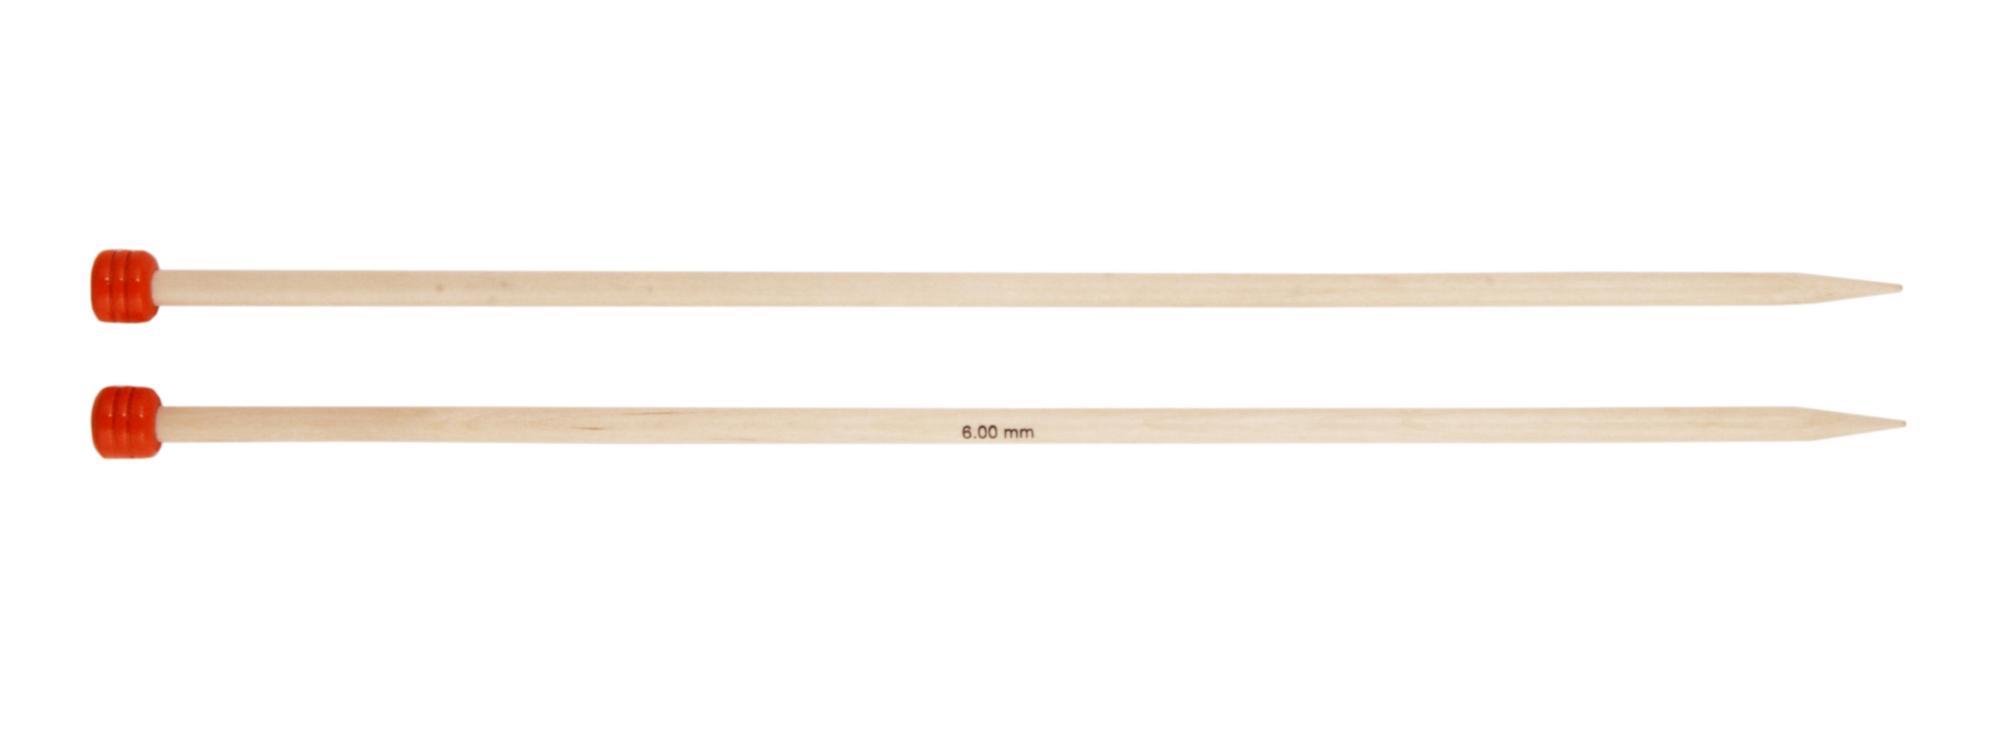 Спицы прямые 40 см Basix Birch Wood KnitPro, 35284, 7.00 мм